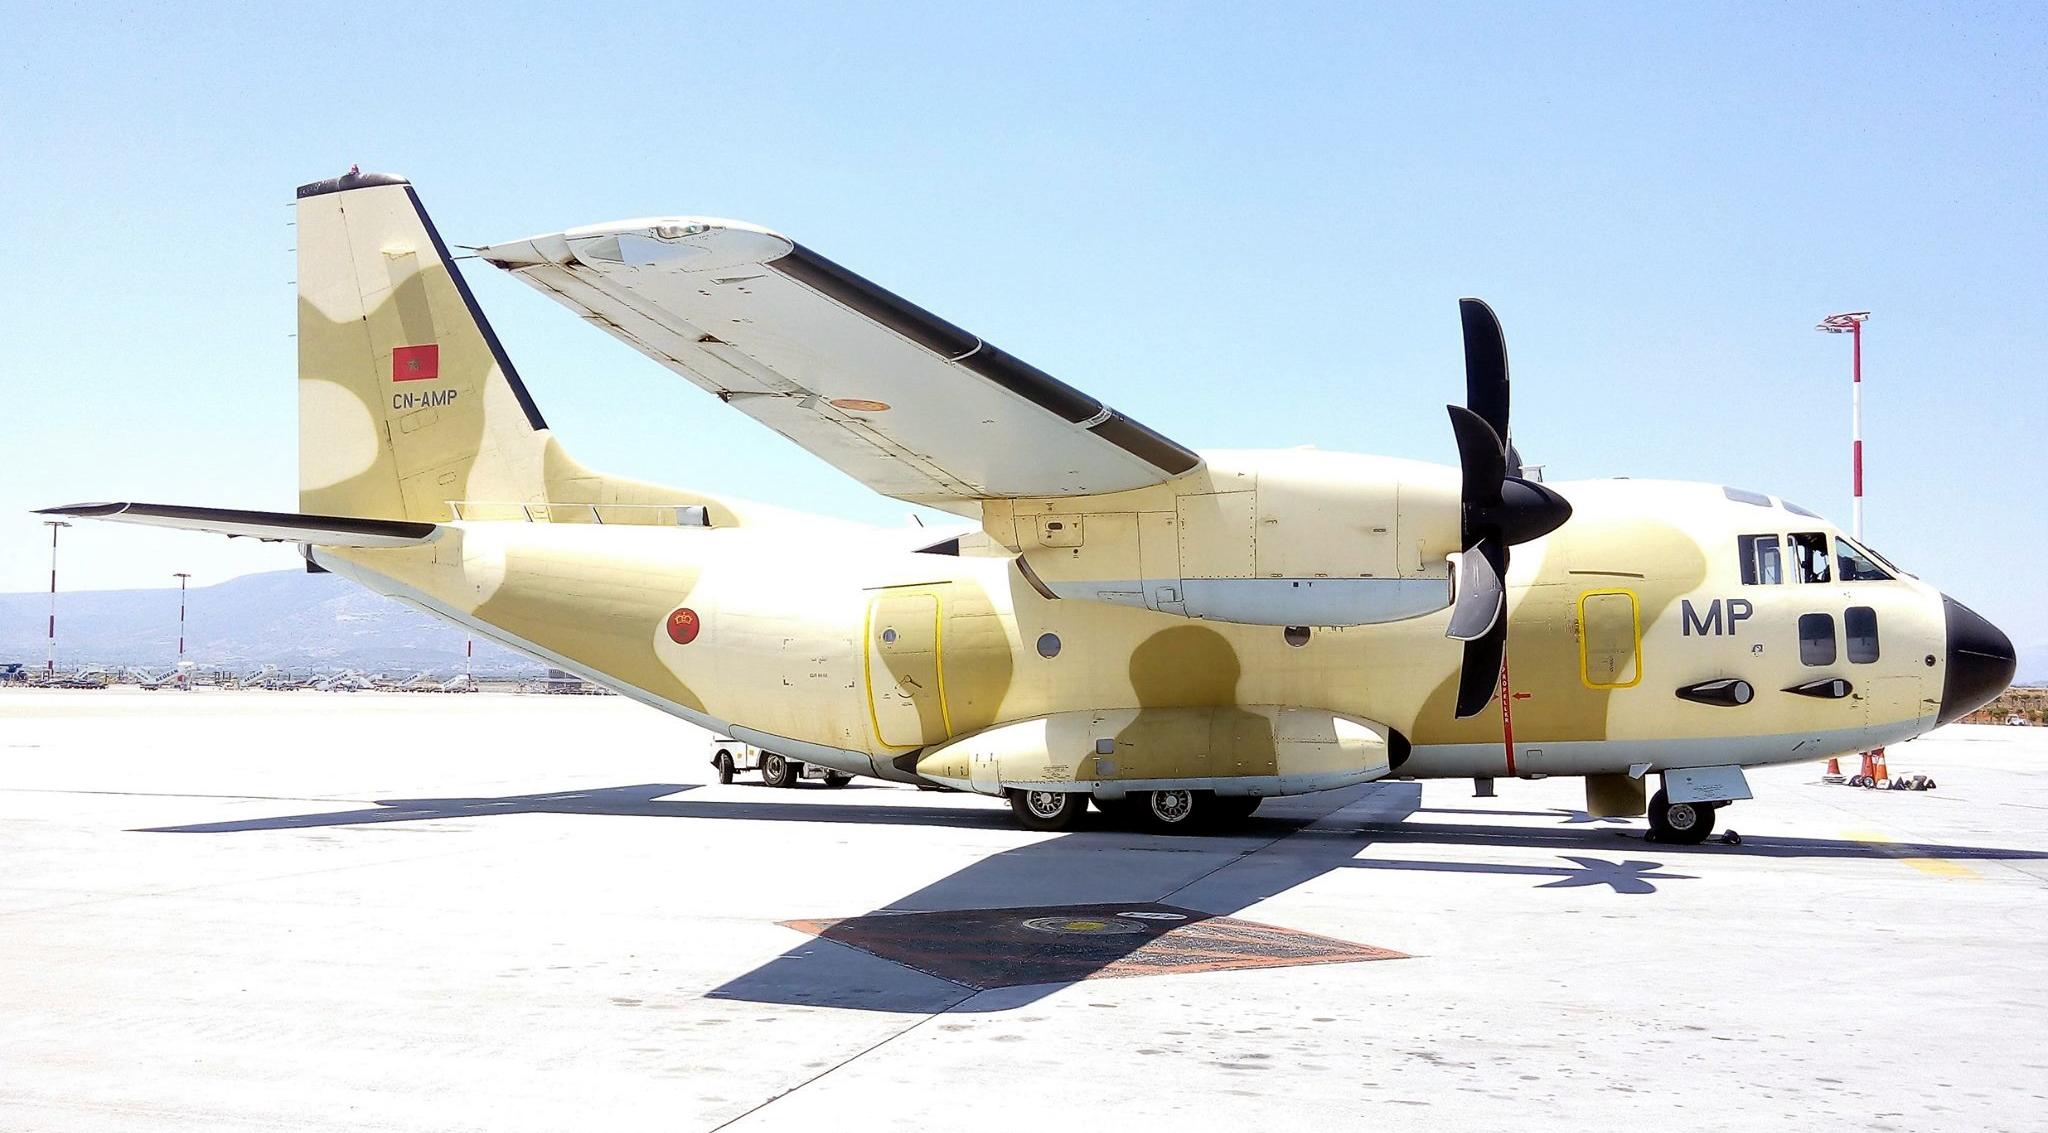 FRA: Photos d'avions de transport - Page 36 39658798403_866f0066ab_o